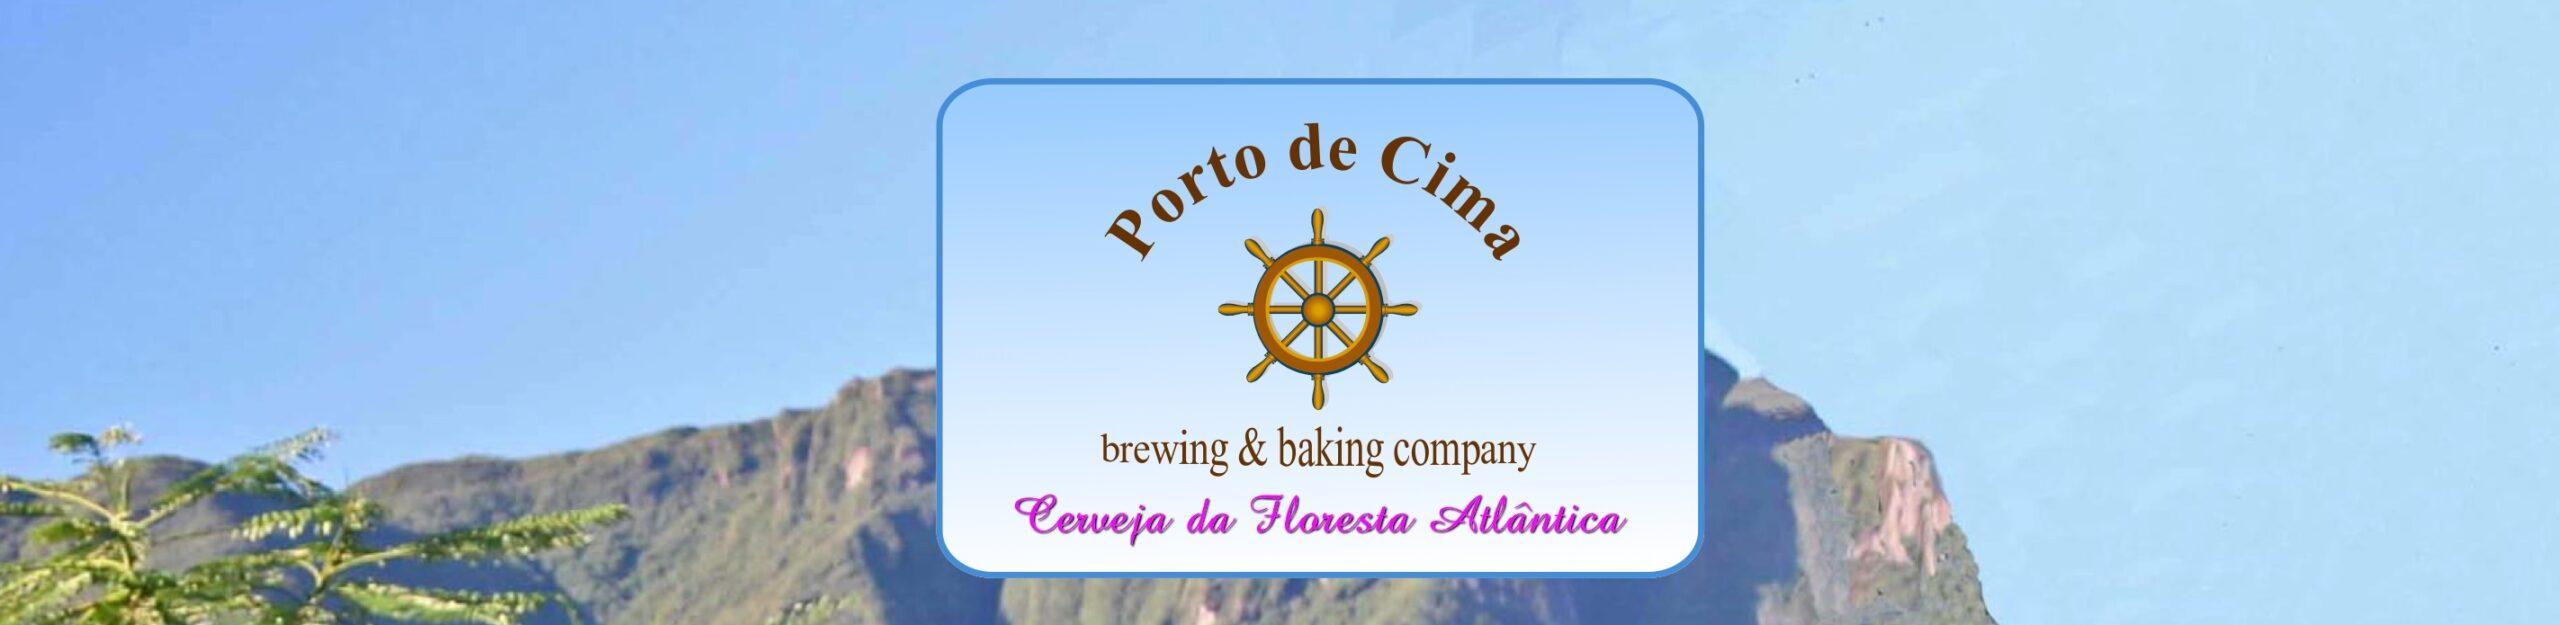 Cervejaria Porto de Cima